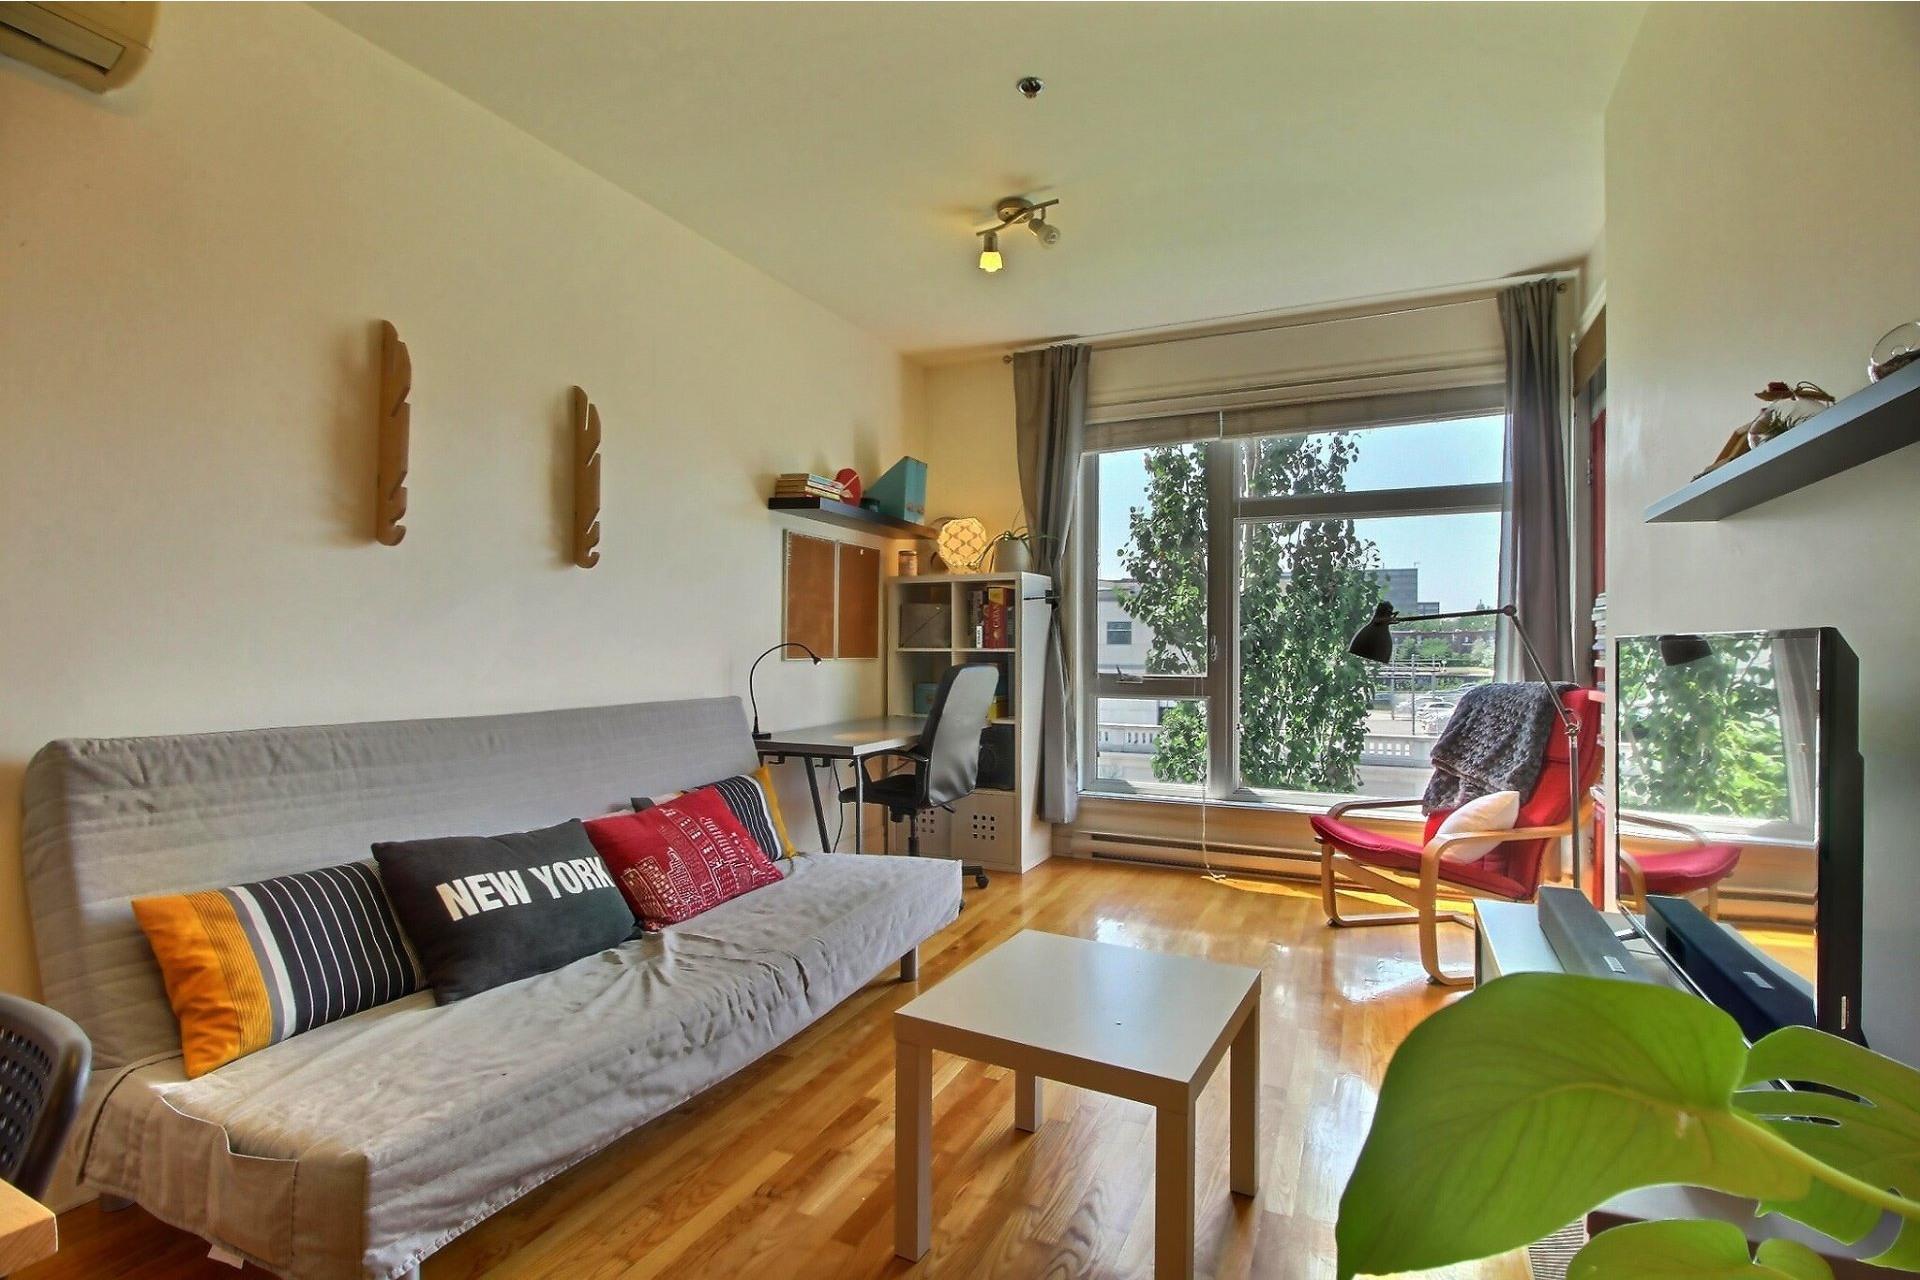 image 3 - Appartement À vendre Le Plateau-Mont-Royal Montréal  - 3 pièces